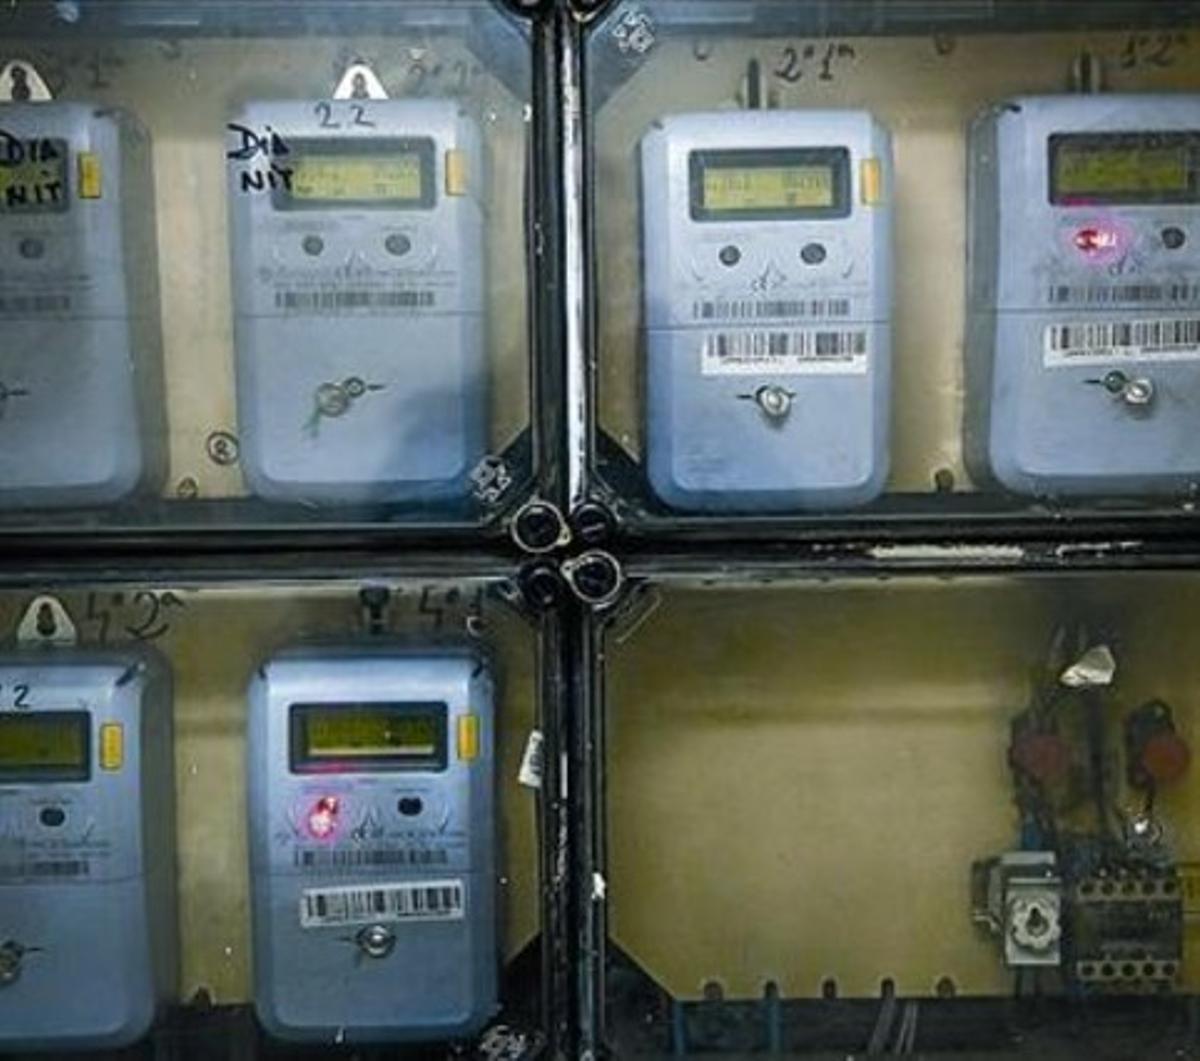 Contadores de electricidad en una comunidad de vecinos.